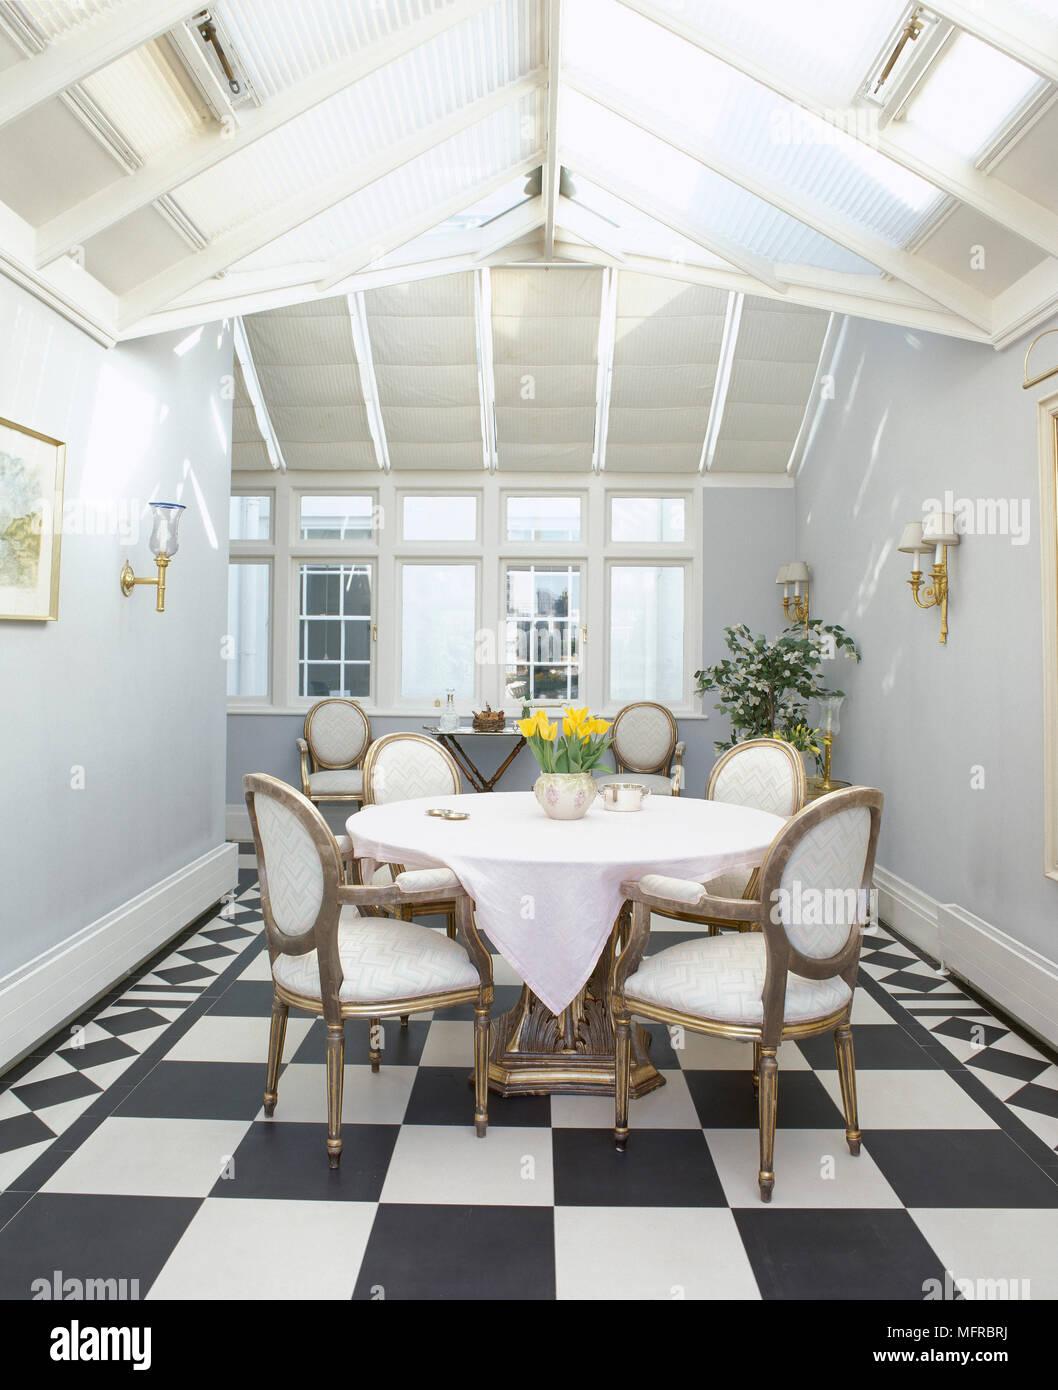 Tende Da Sole Tetto Spiovente sala da pranzo con spioventi del tetto di vetro, in bianco e